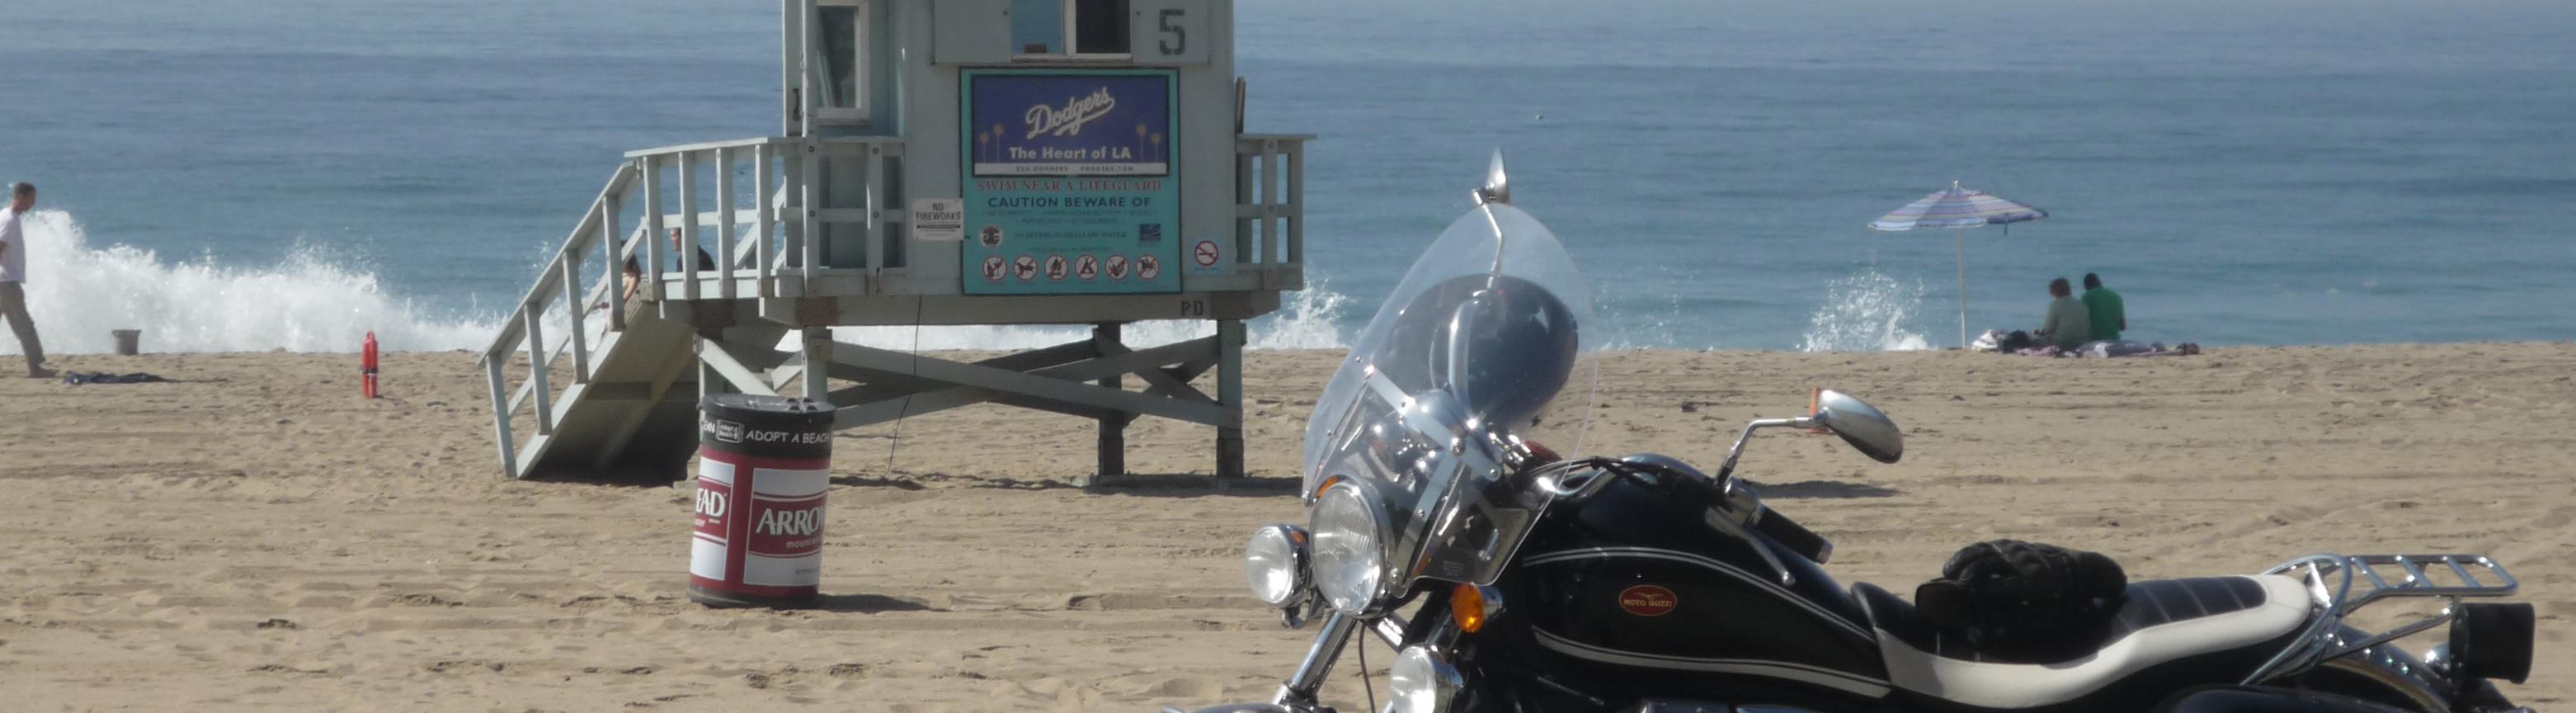 Moto Guzzi California Vintage, Point Dume Beach, 11/22/08, 10am.